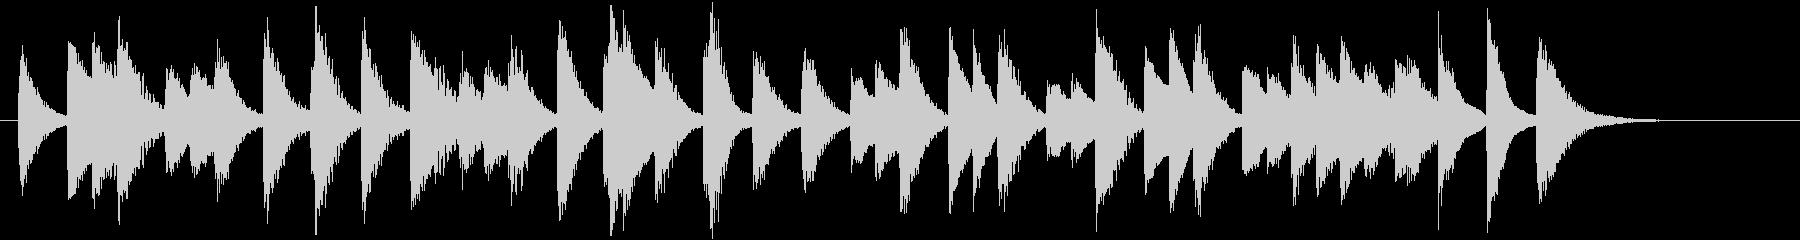 四季より「冬」モチーフのピアノジングルBの未再生の波形